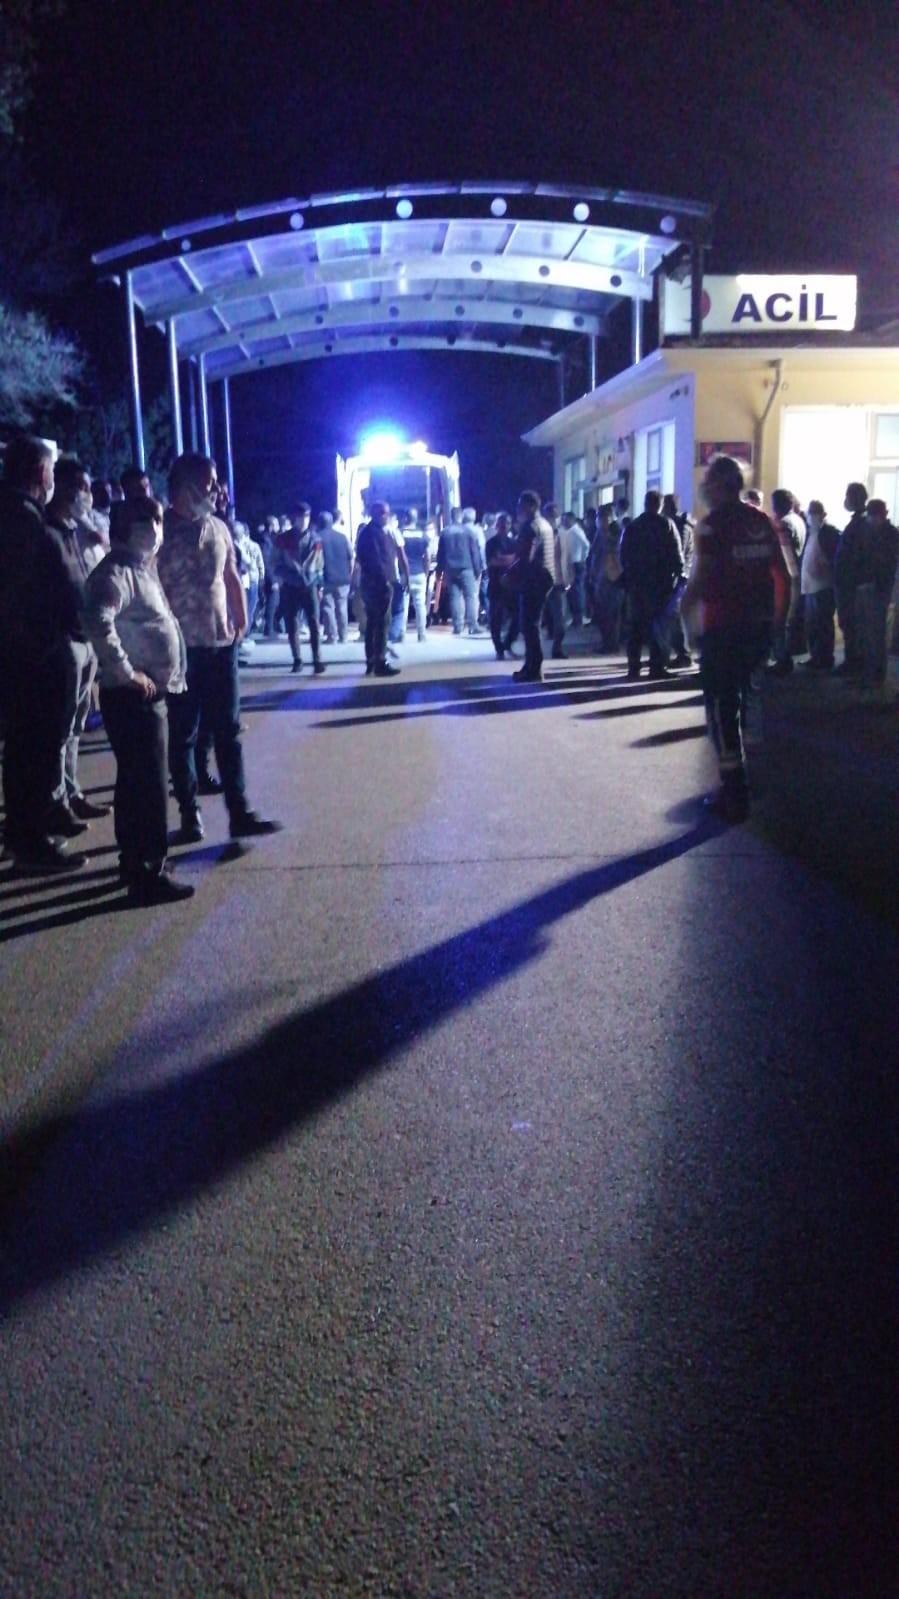 Ankara'nın Haymana ilçesinde bir traktörün römorkunun devrilmesi sonucu  meydana gelen kazada hayatını kaybedenlerin olduğu ve en az 25 kişi  yaralandığı bildirildi. Olay yerine çok sayıda ekip sevk edildi. – HABER  VERiYOR